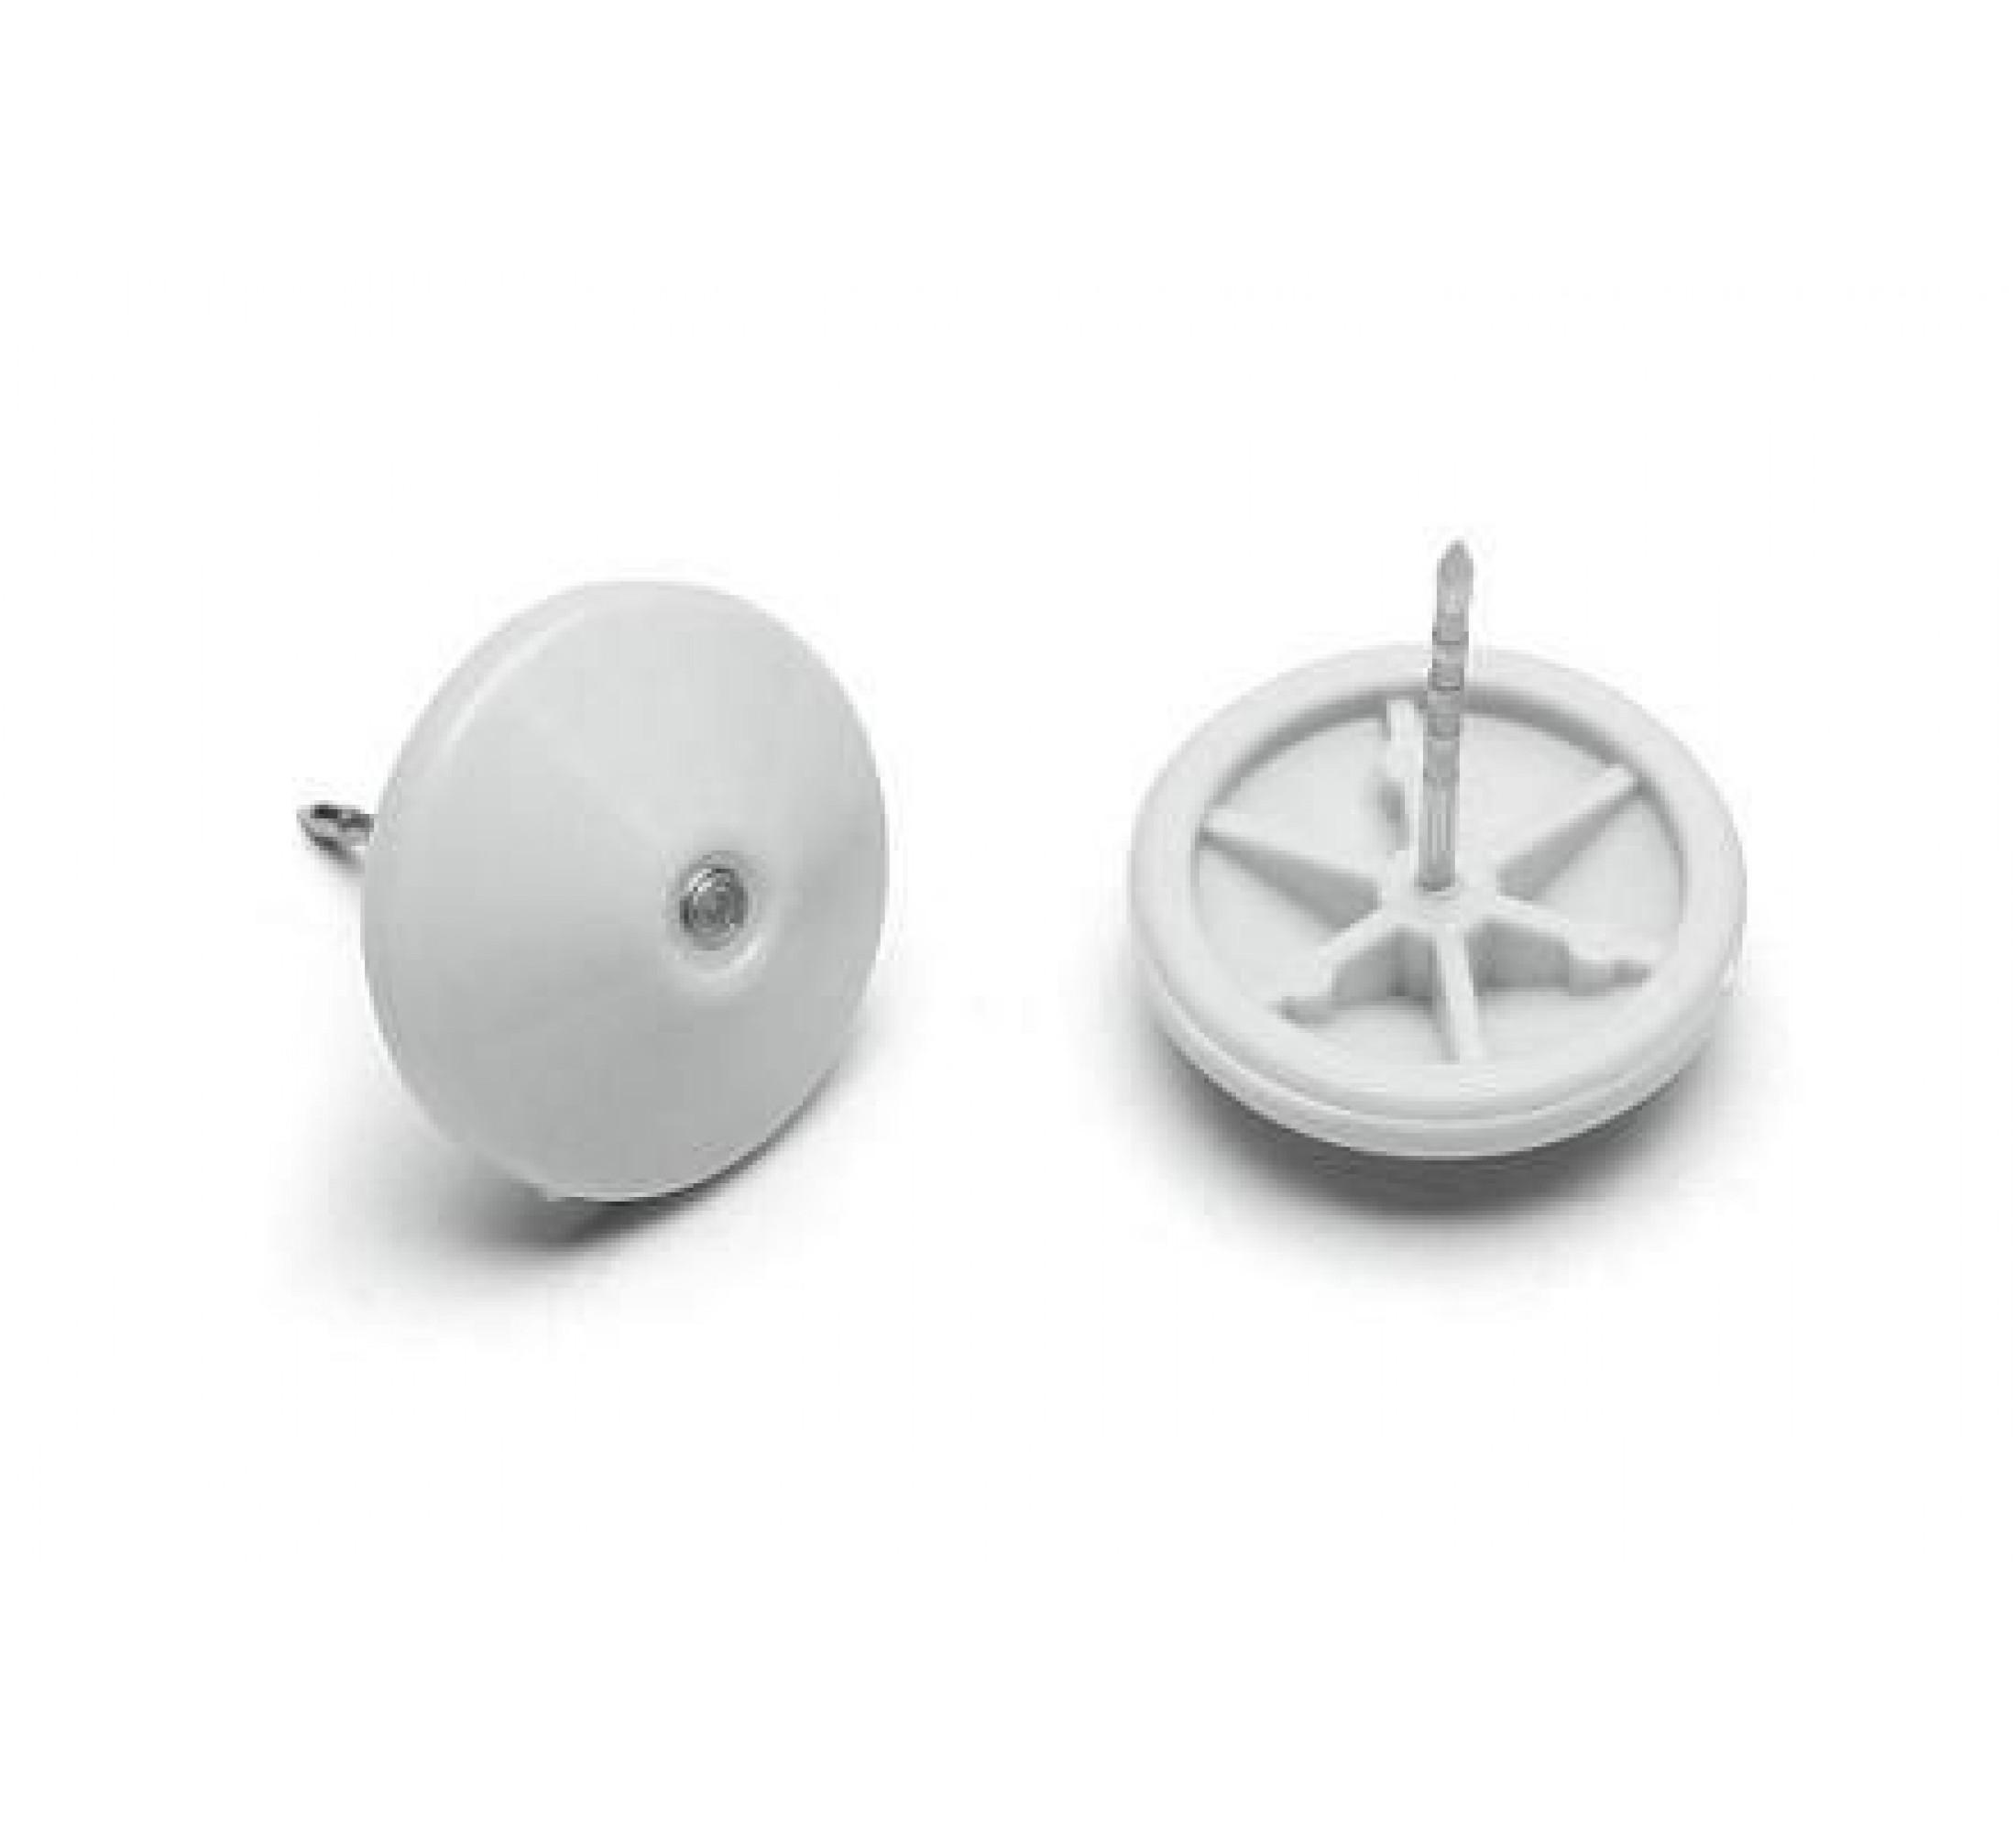 Гвоздь для противокражного датчика Super Tag 16мм - SuperTag Tack, белый